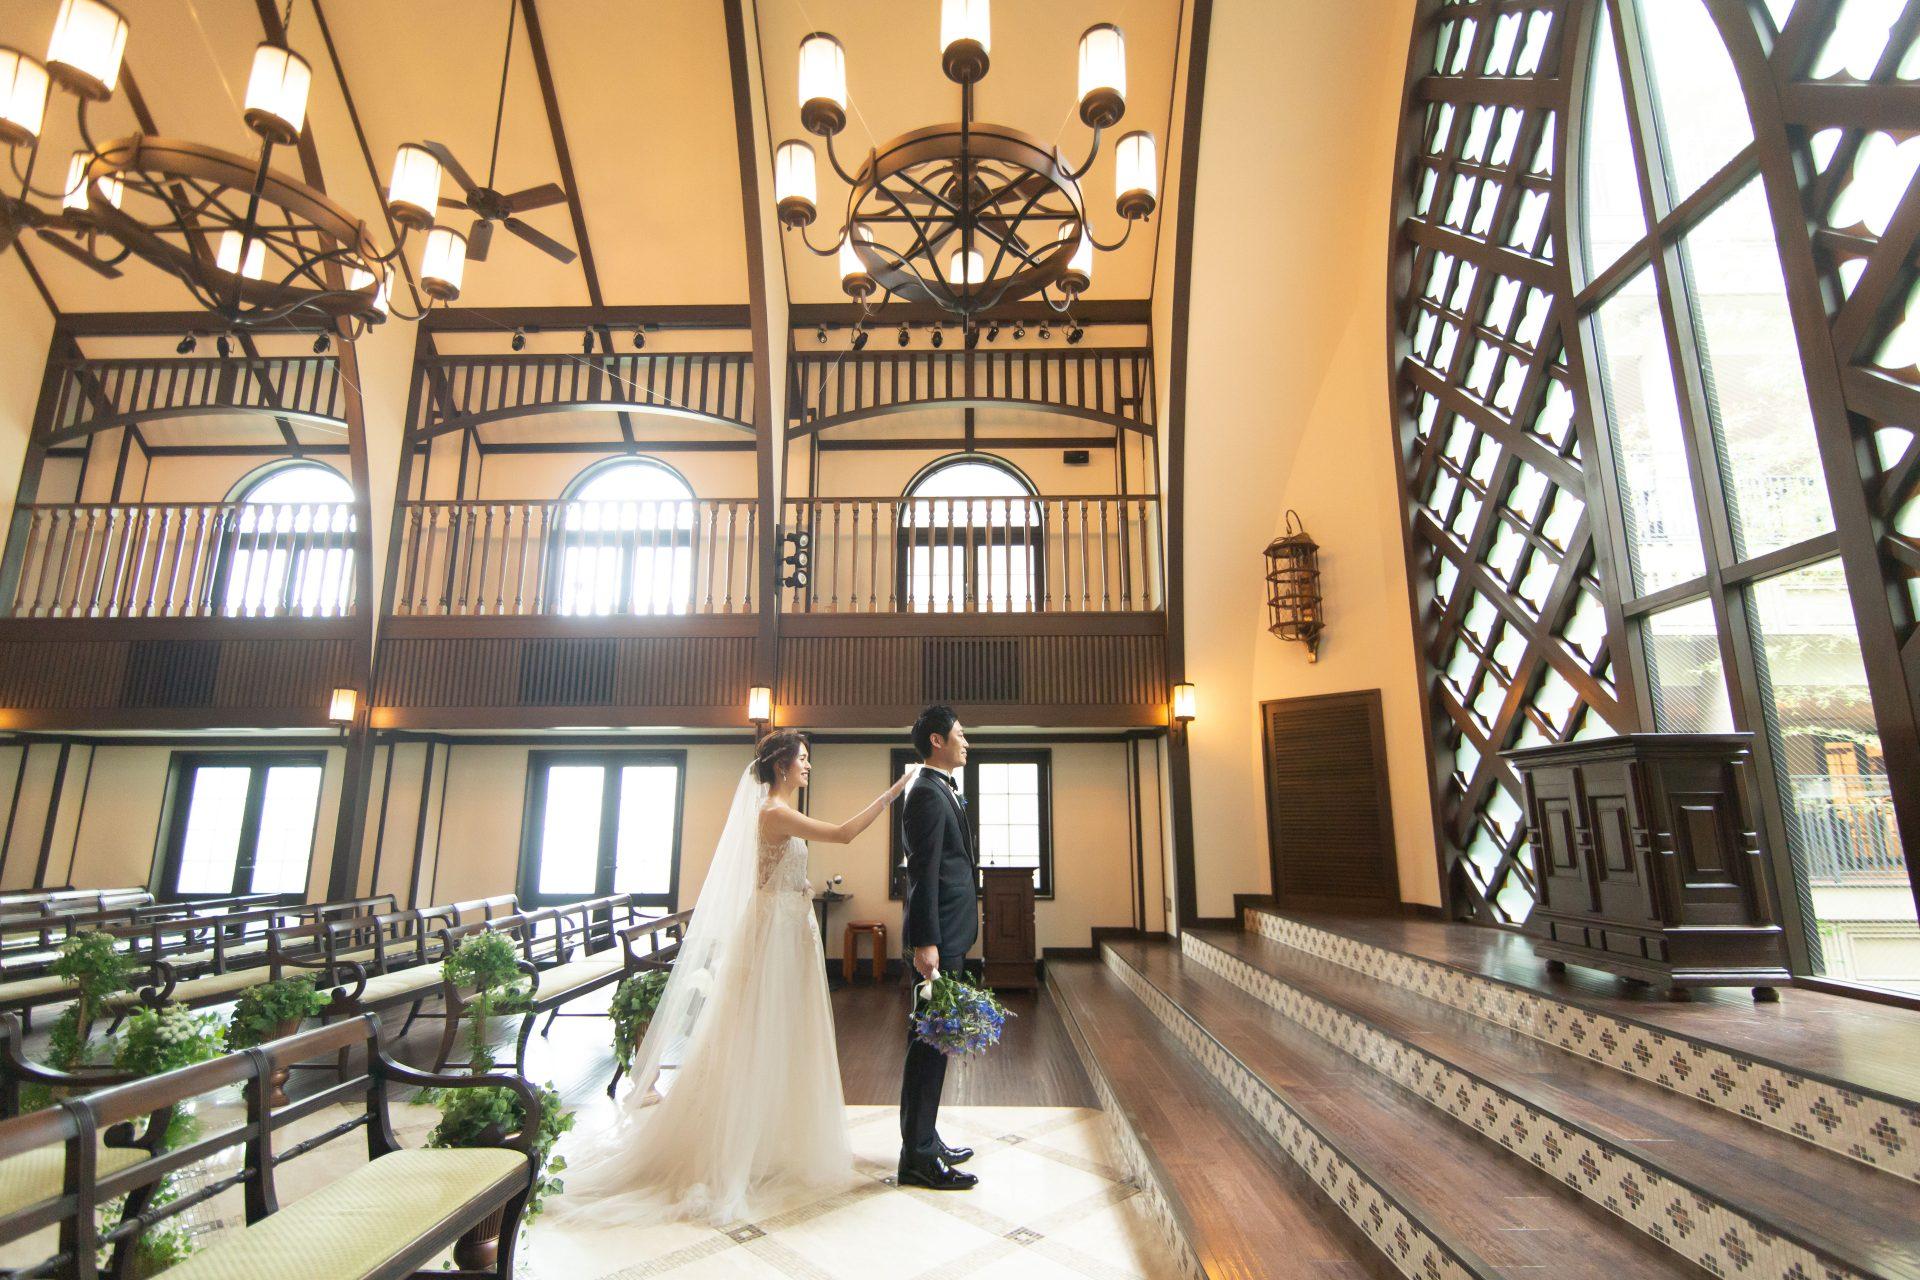 ザ・トリート・ドレッシングのウェディングドレスとタキシードを身にまといフォーチュンガーデン京都の大聖堂のようなチャペルにてファーストミートをされる新郎新婦様